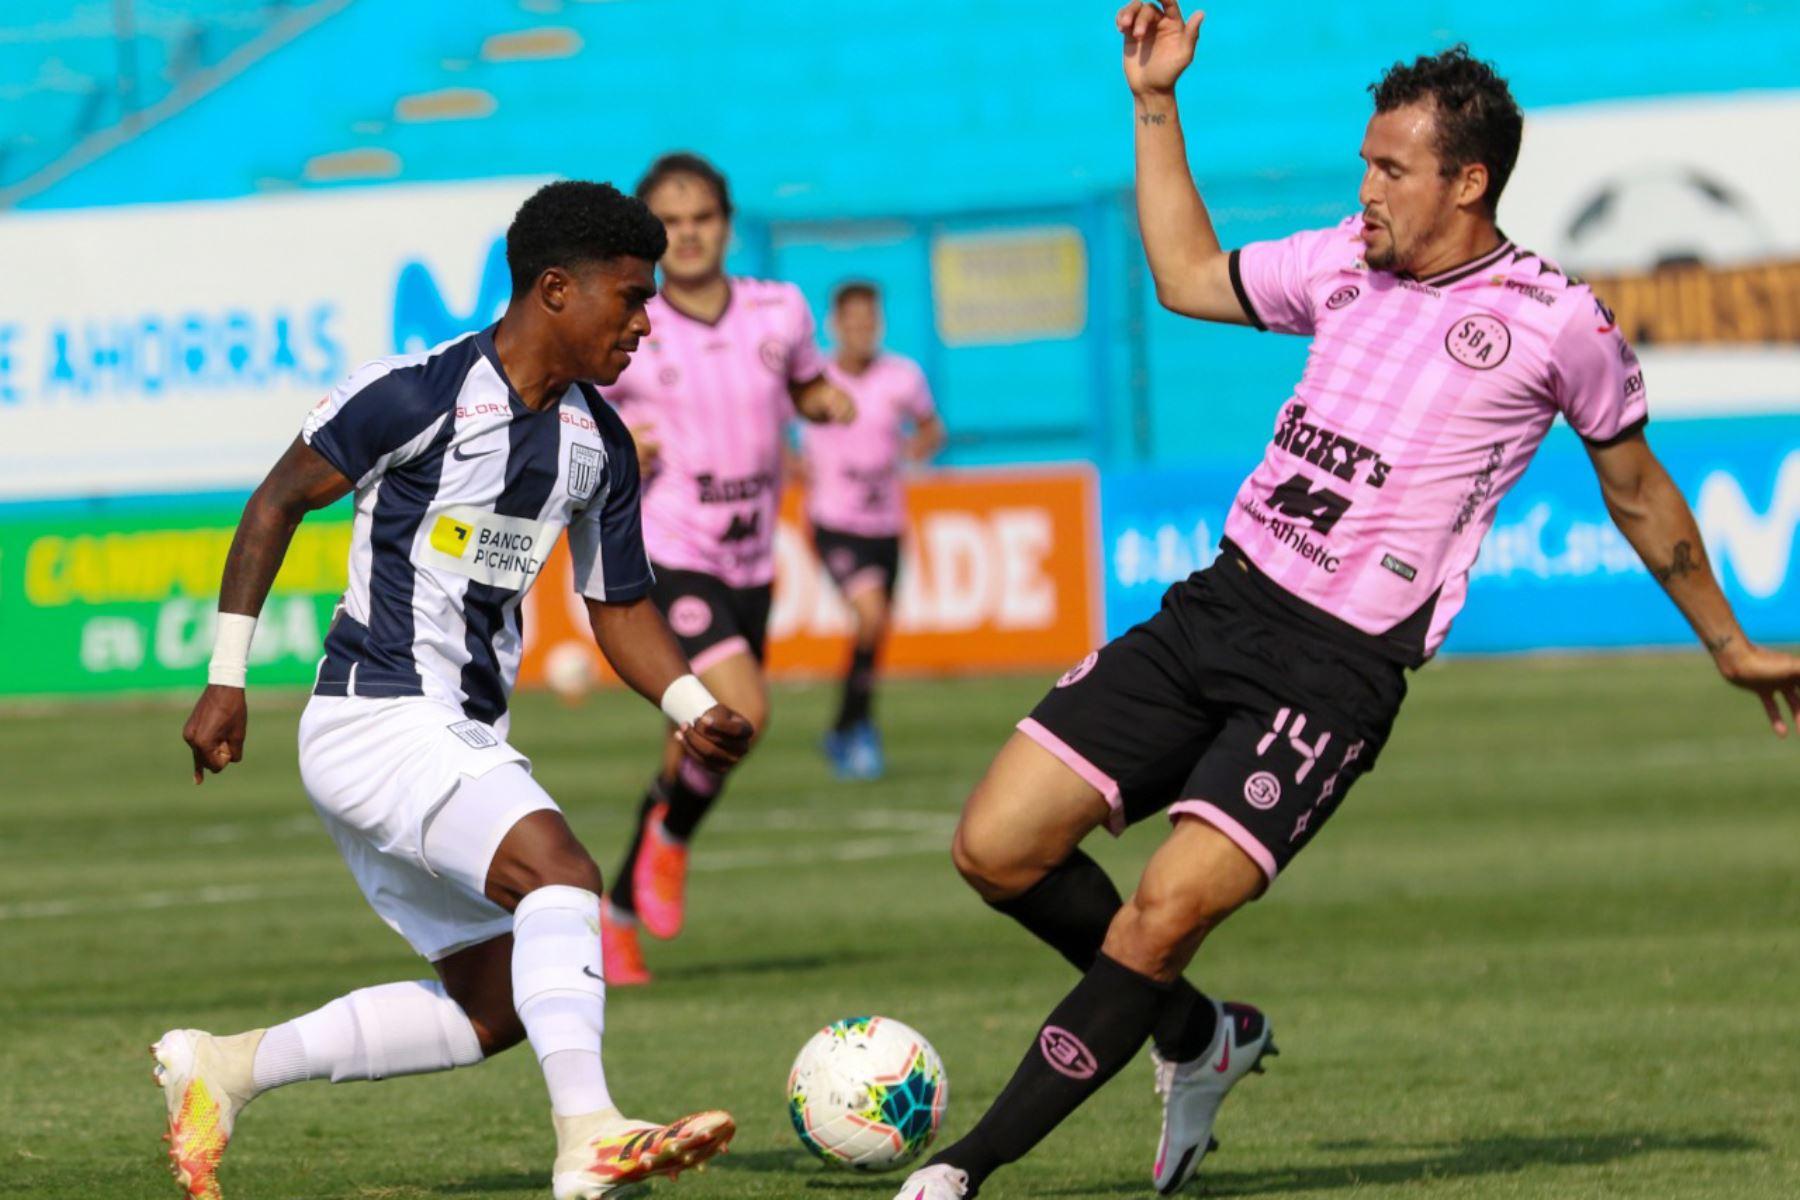 El futbolista C. Torrejón del  Sport Boys   disputa la pelota con el futbolista de  Alianza Lima , durante el partido por la Fase 2 de la fecha 7 de la Liga 1 en el estadio Alberto Gallardo. Foto: @LigaFutProfdel